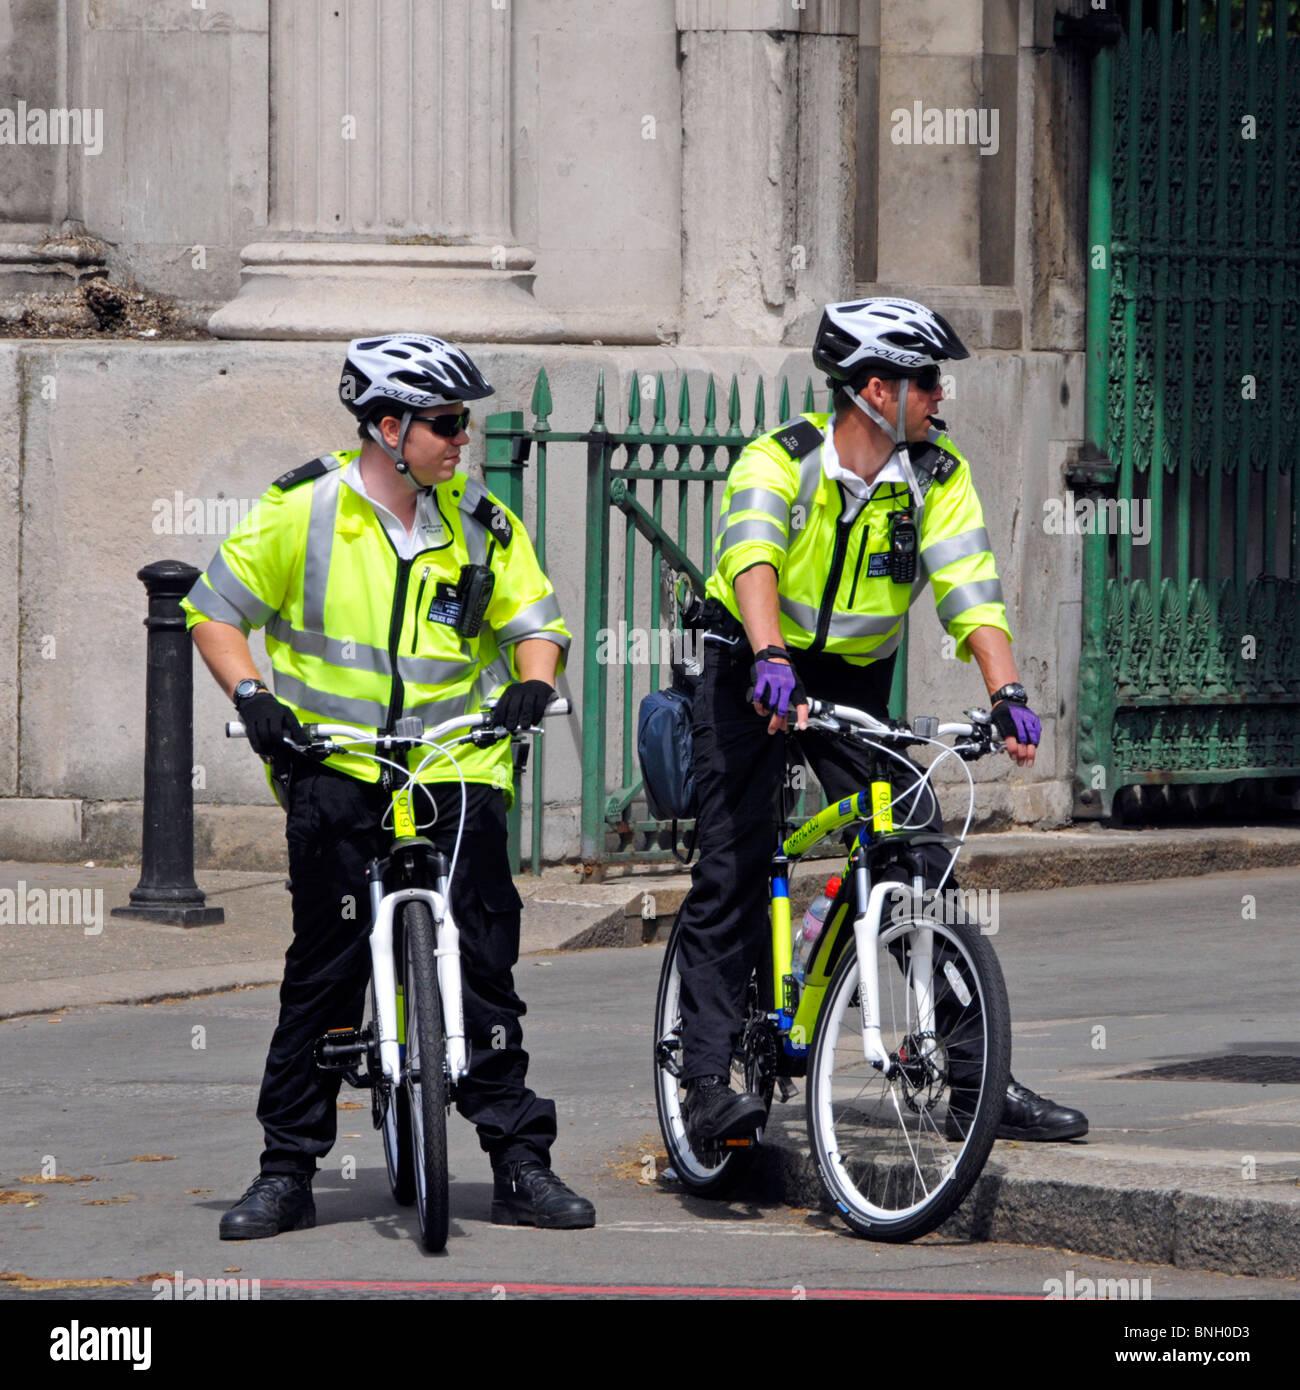 Metropolitan ufficiali della polizia in bici Immagini Stock